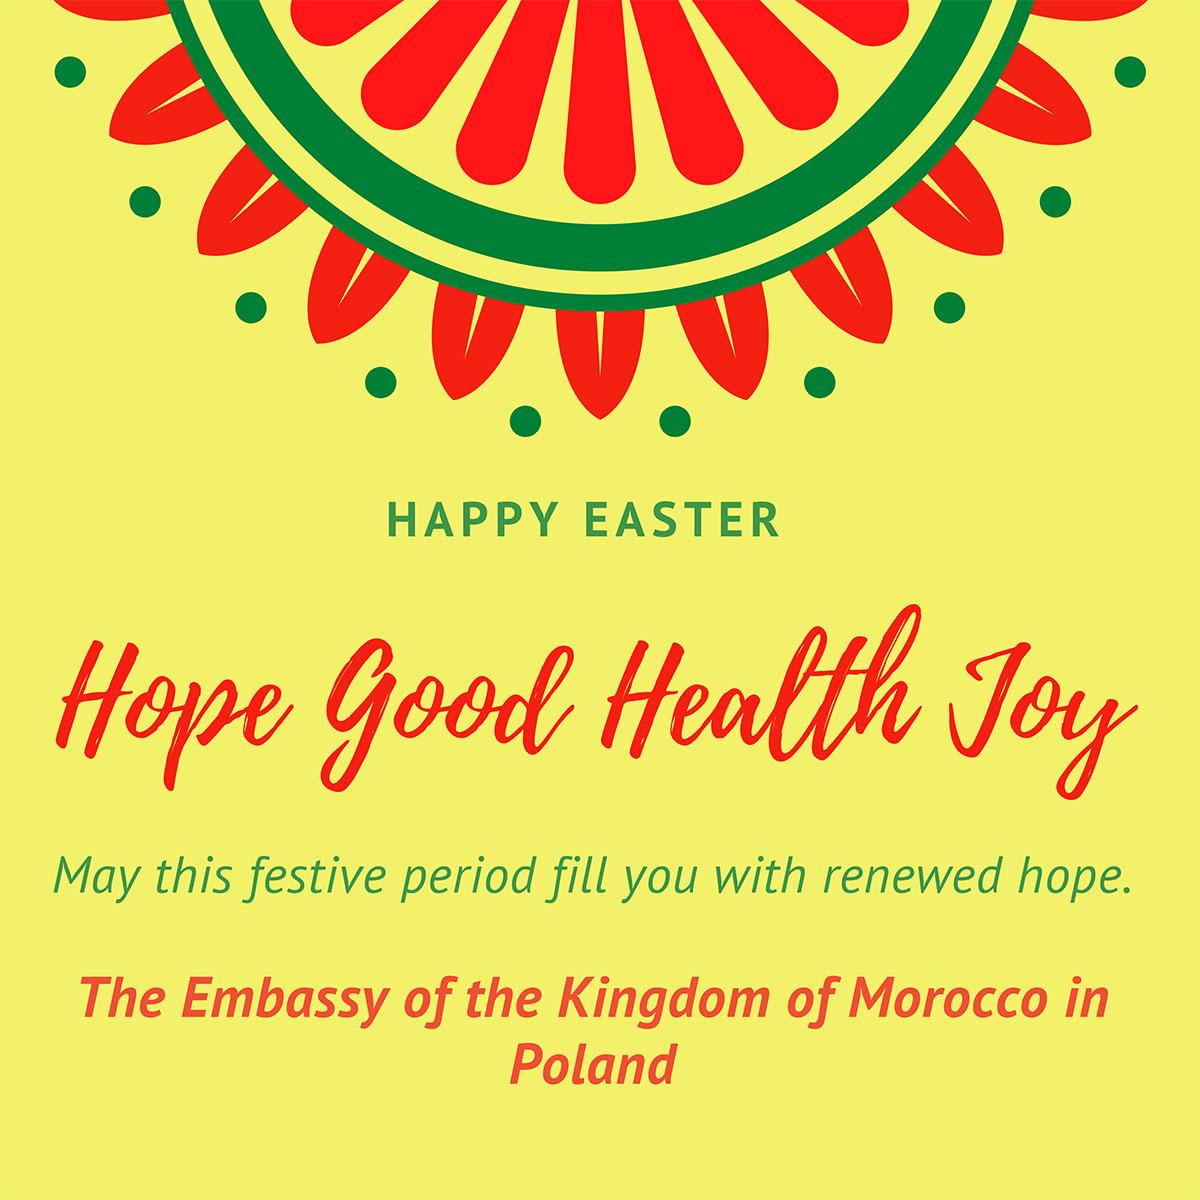 Ambasada Królestwa Maroka w Polsce - życzenia świąteczne